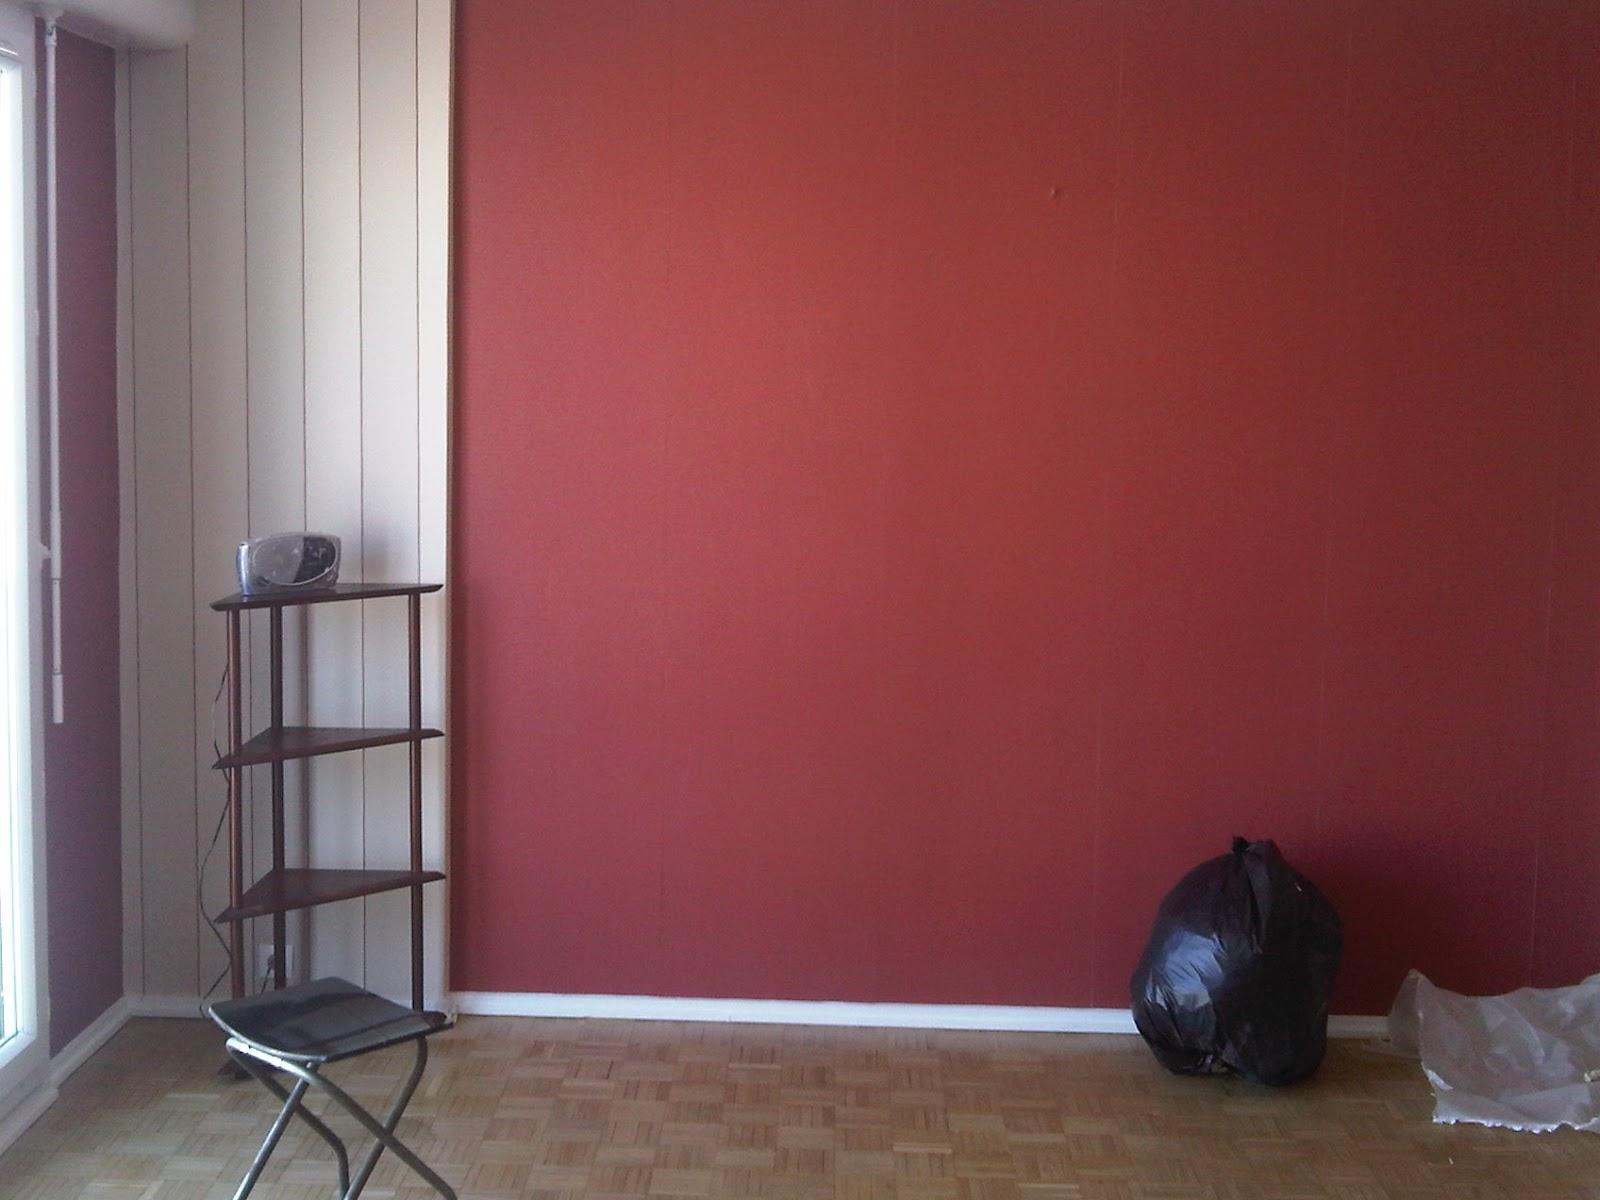 prix m2 vitrification parquet prix du parquet au m2. Black Bedroom Furniture Sets. Home Design Ideas